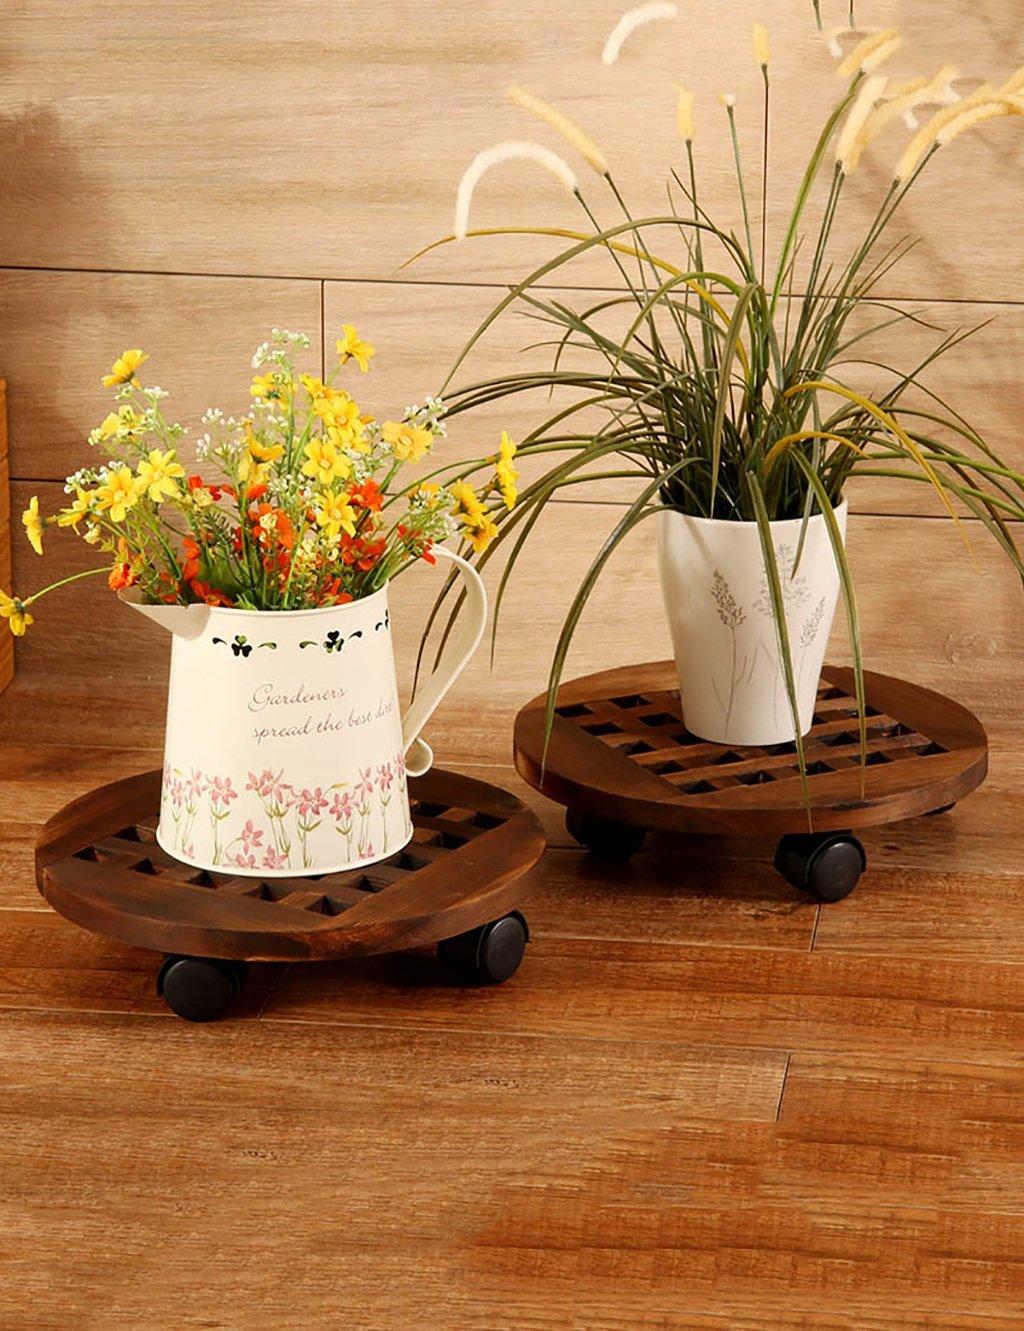 LB huajia ZHANWEI Beweglicher Blumen-Feld-Riemenscheiben-Blumen-Zahnstange-runder Boden-Art Balkon-Blumen-Zahnstange (2 Stücke)